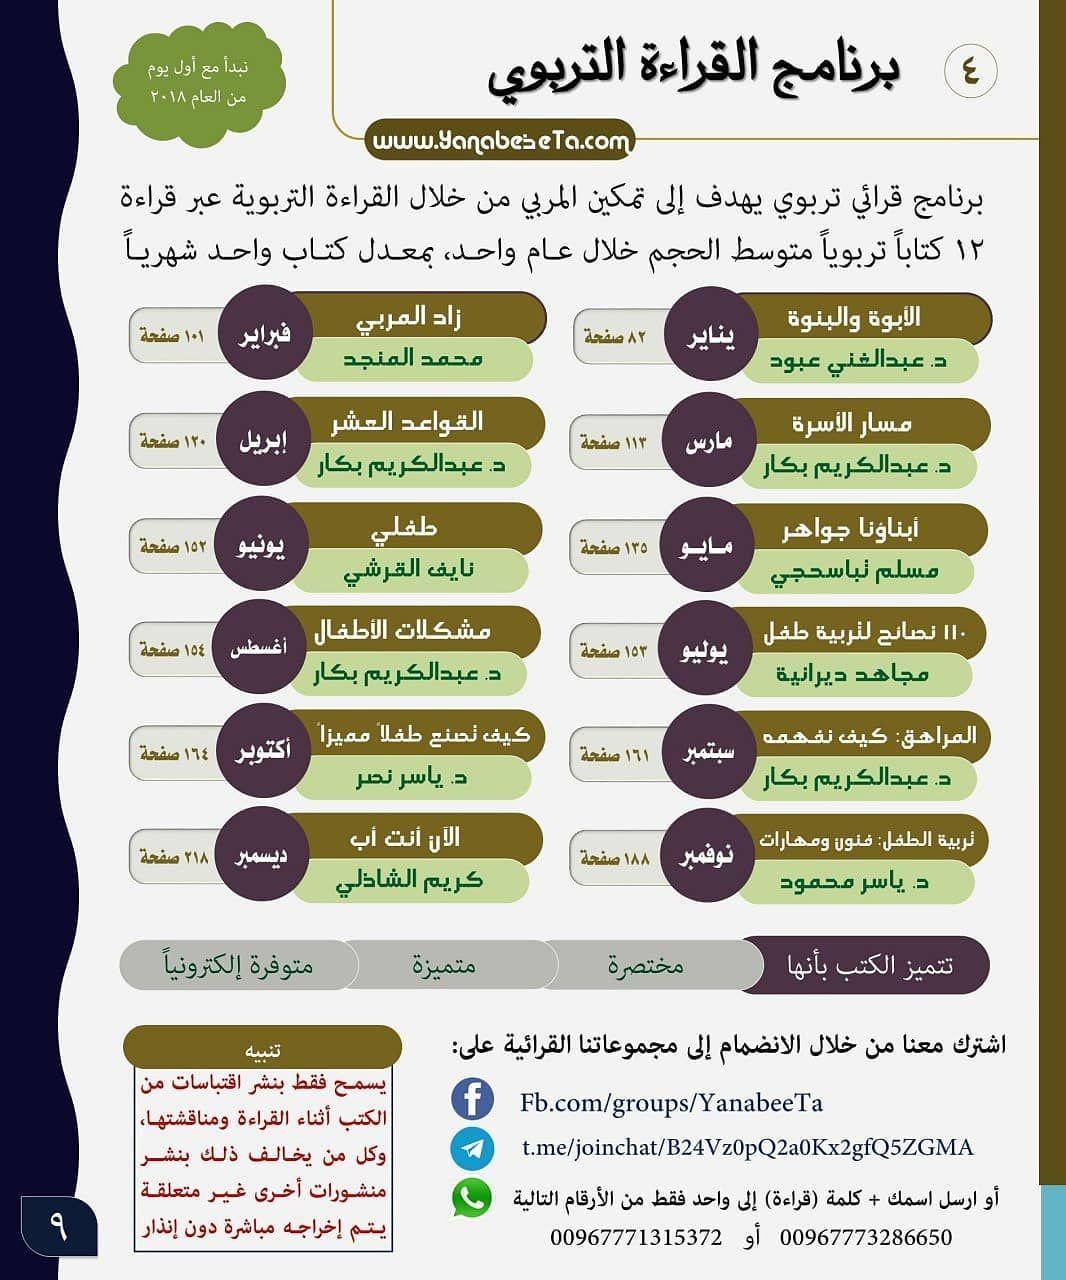 برنامج القراءة التربوي فضلا شارك الصورة